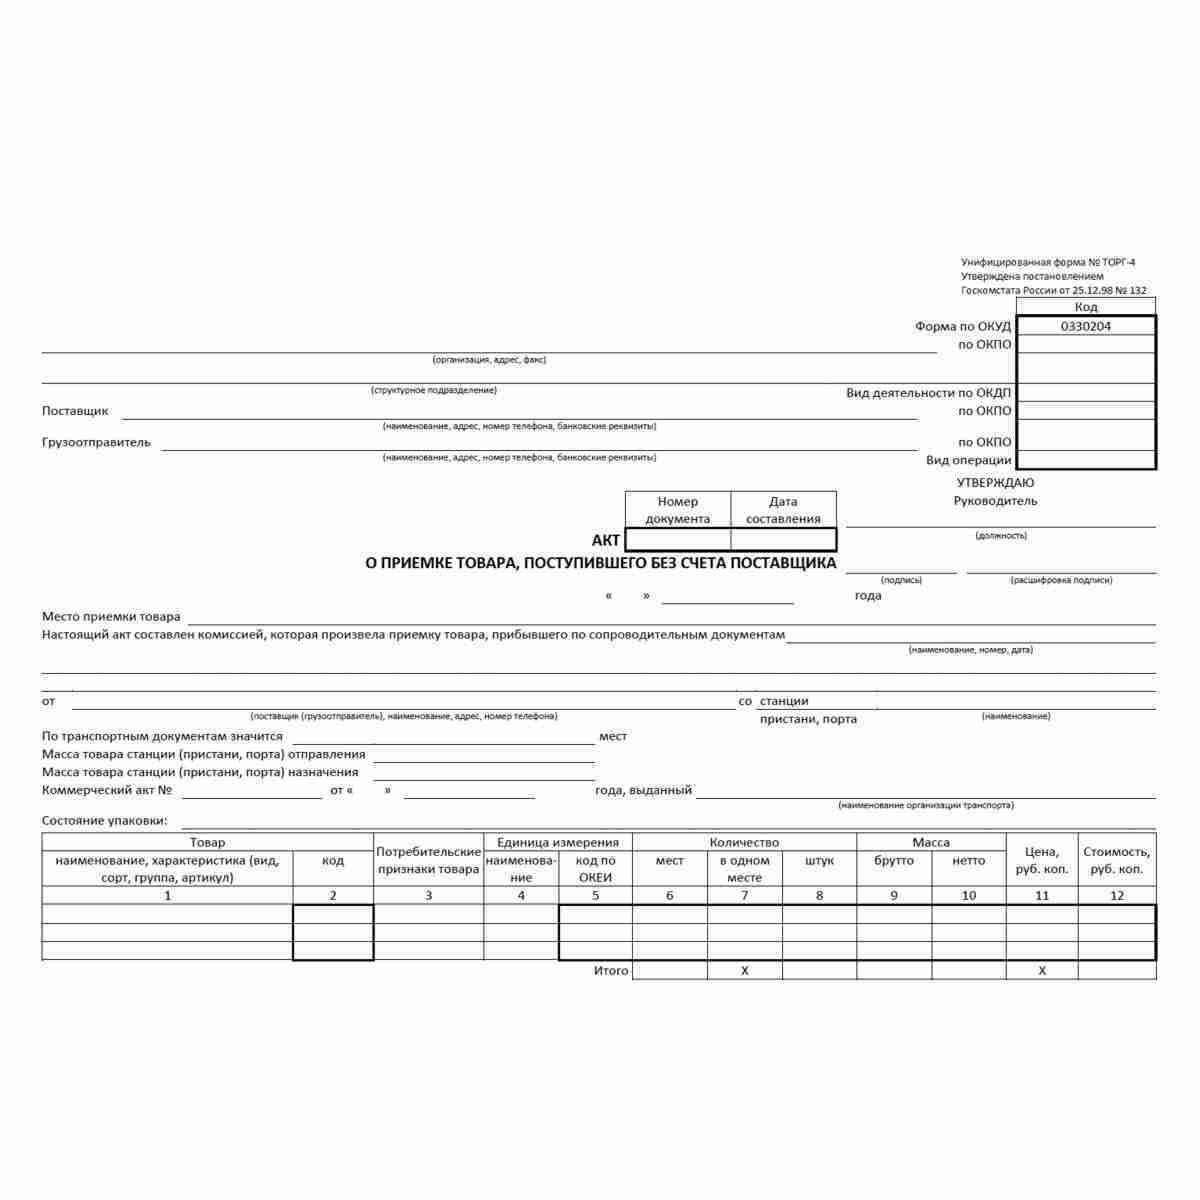 """Унифицированная форма первичной учетной документации №ТОРГ-4 """"Акт о приемке товара, поступившего без счета поставщика"""" (ОКУД 0330204). Лицевая сторона."""